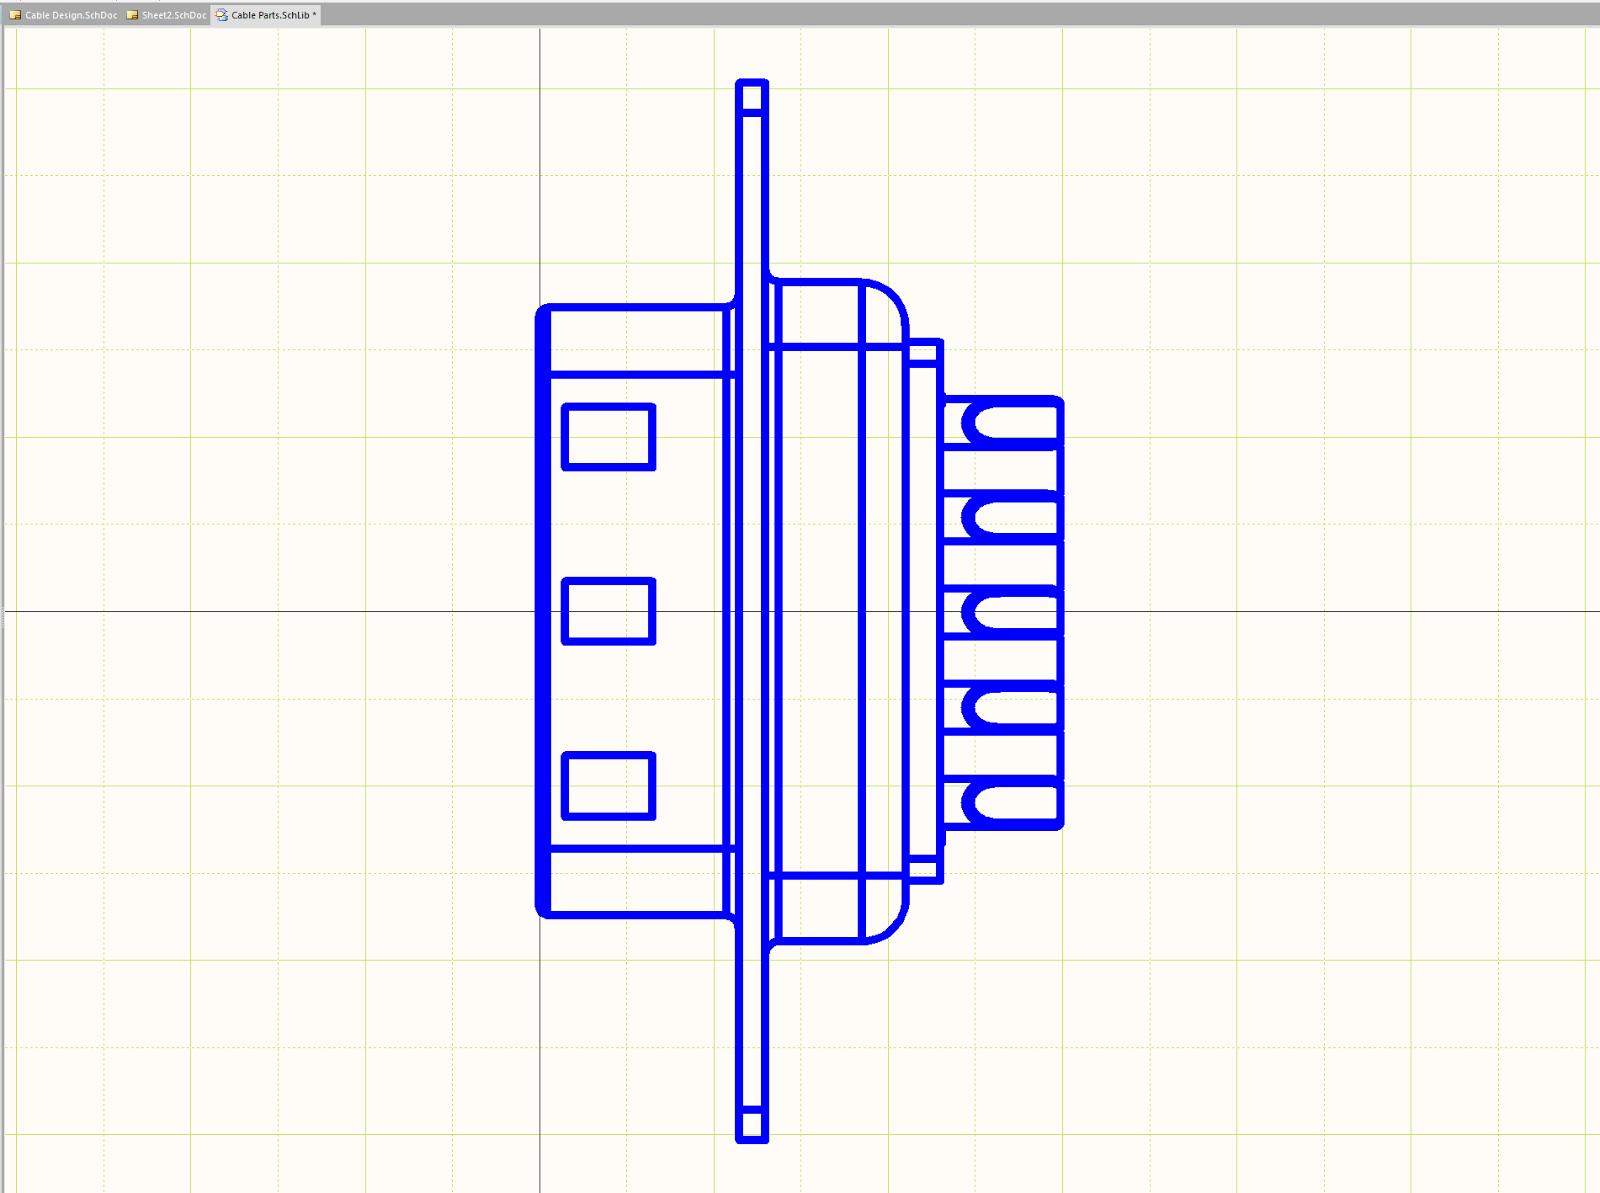 Figura 4: Vista de perfil de un conector DSUB dentro del editor de Altium